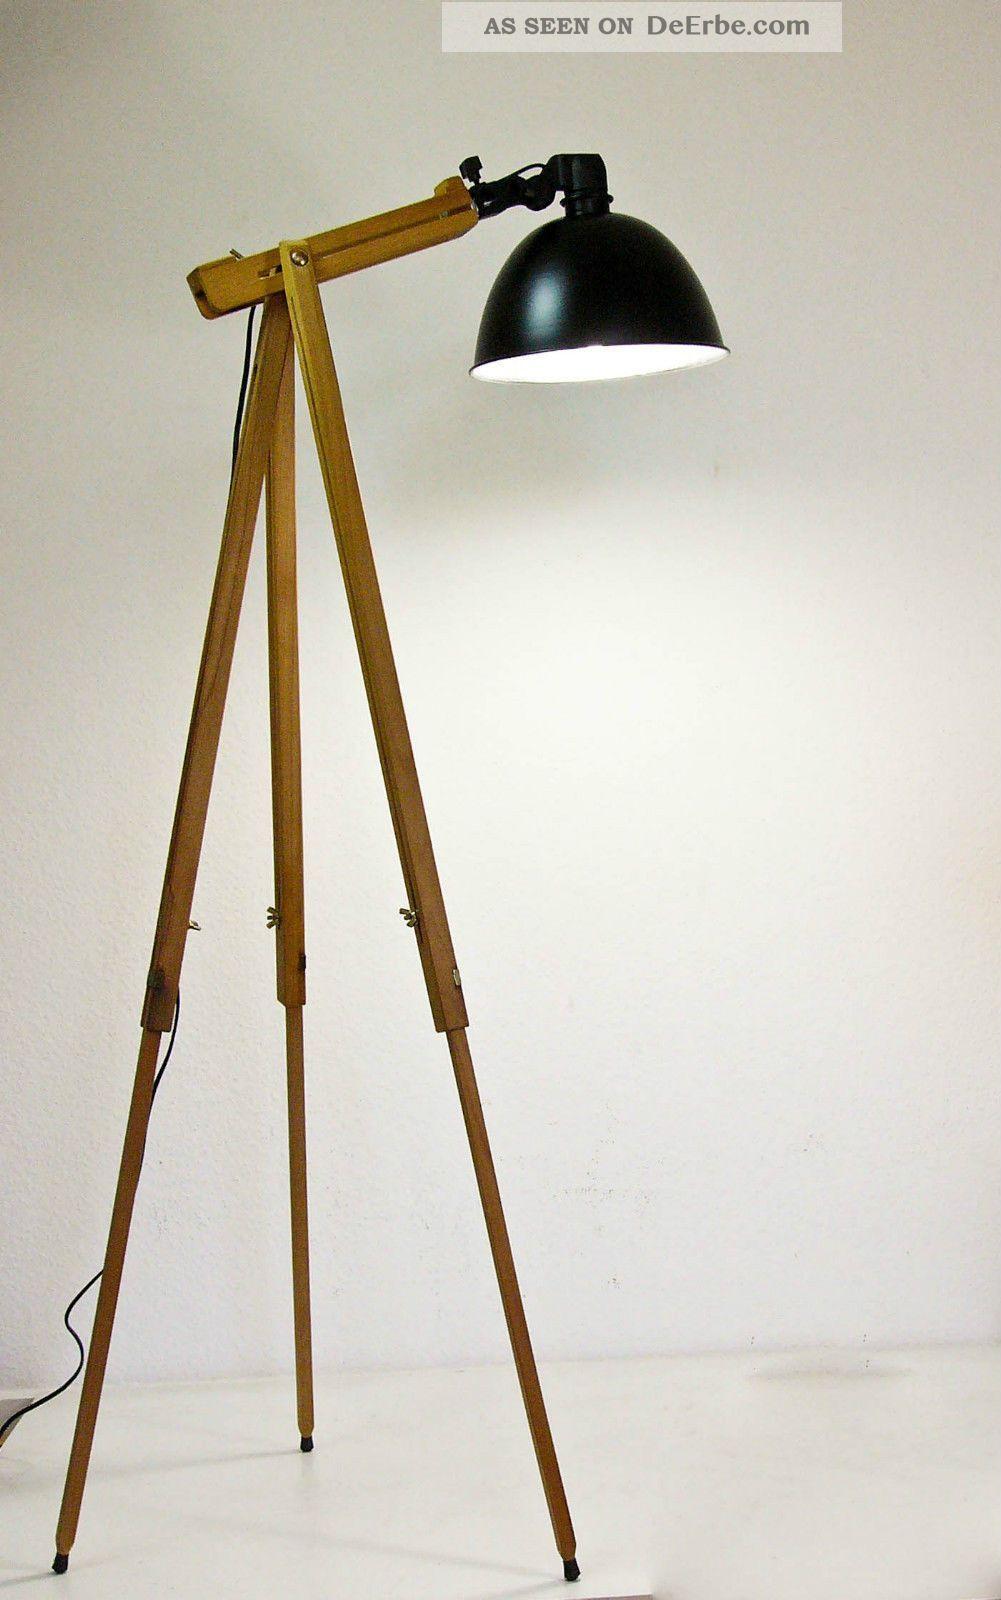 Bemerkenswert Dreibein Stehlampe Das Beste Von Tripod Scheinwerfer Stehleuchte Holz Stativ Lampe Retro